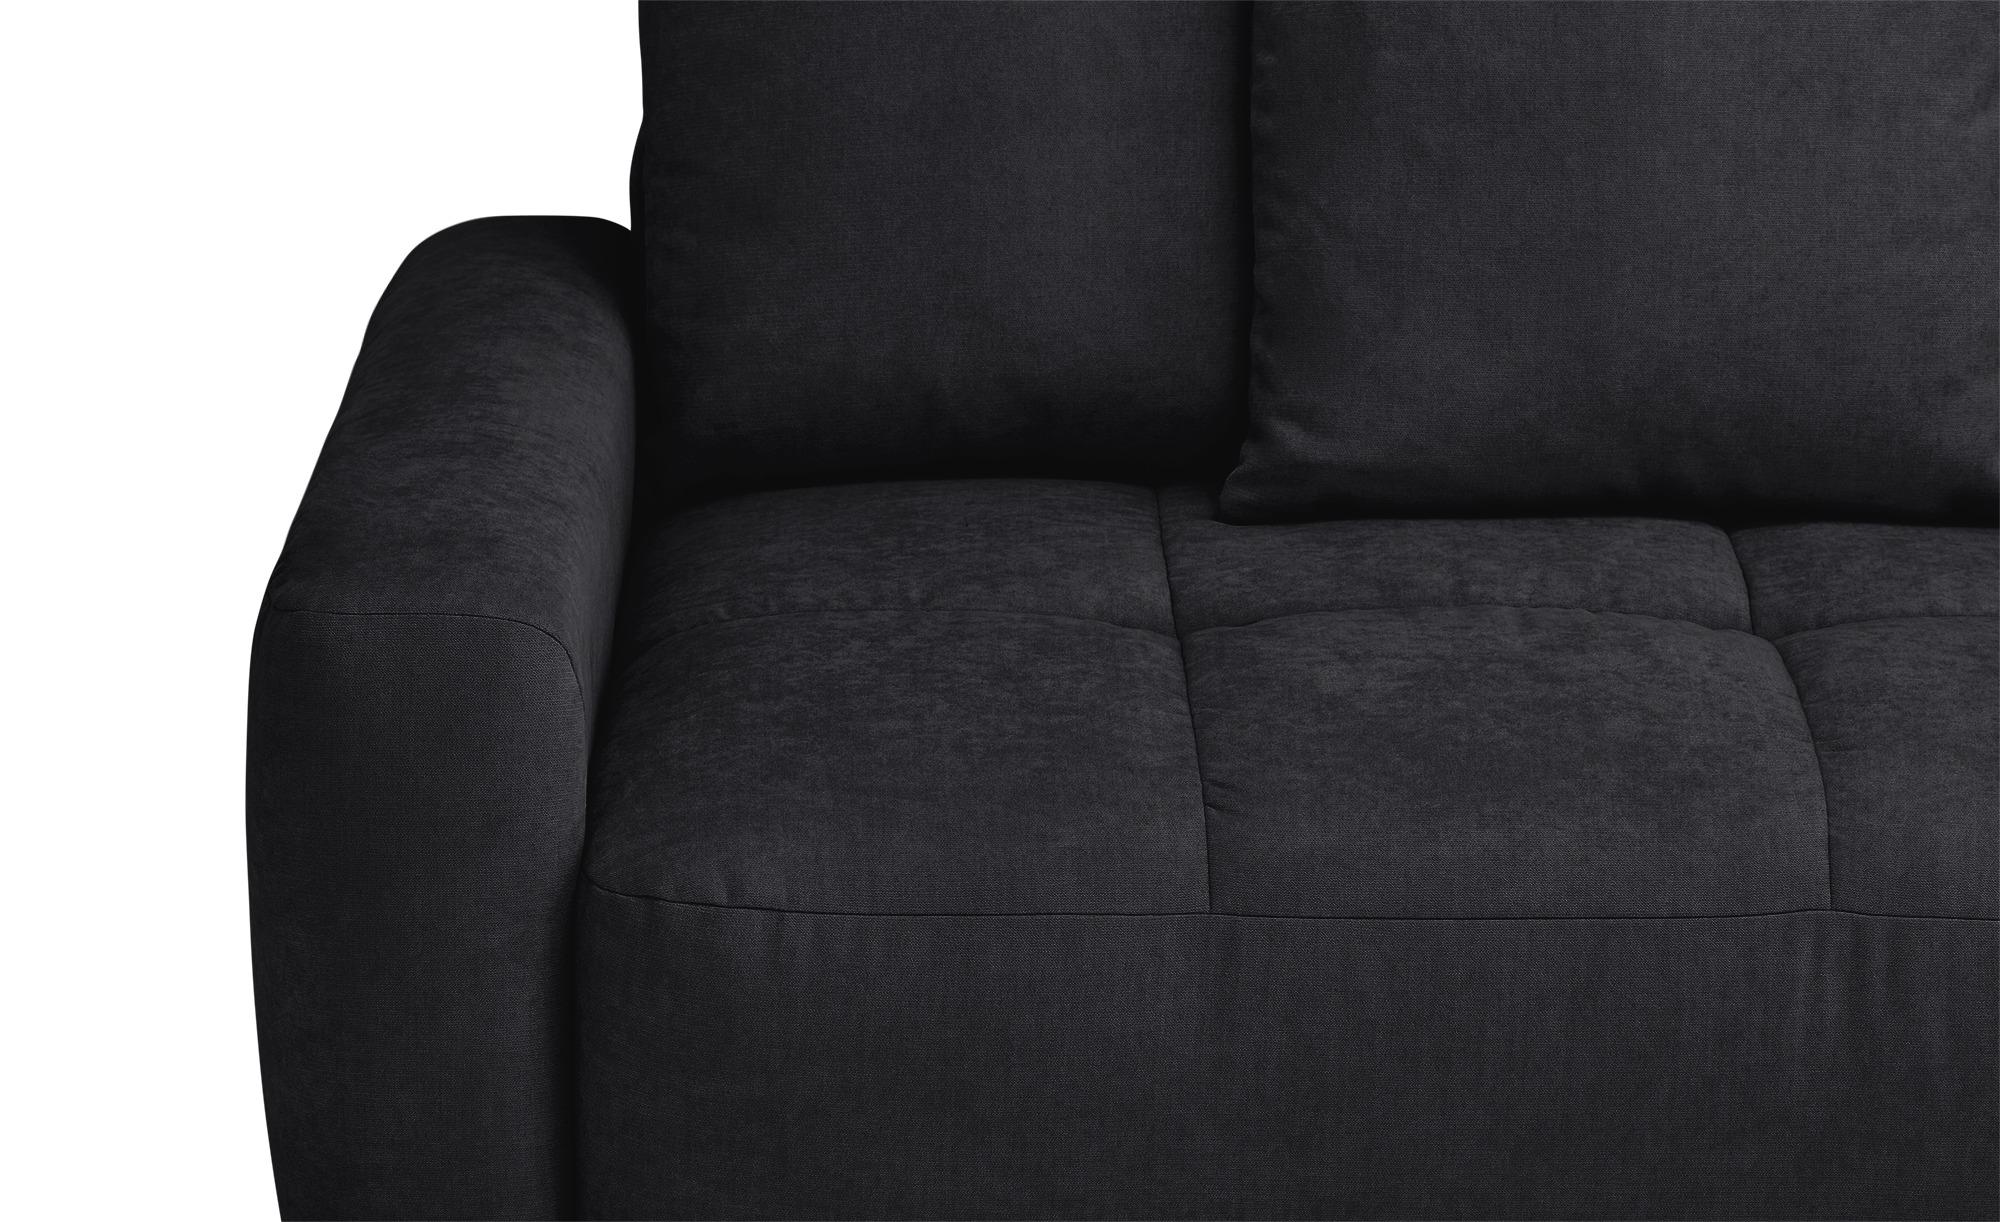 BettyGefunden Big Bei Kraft Sofa Bobb Möbel v8m0wNynO